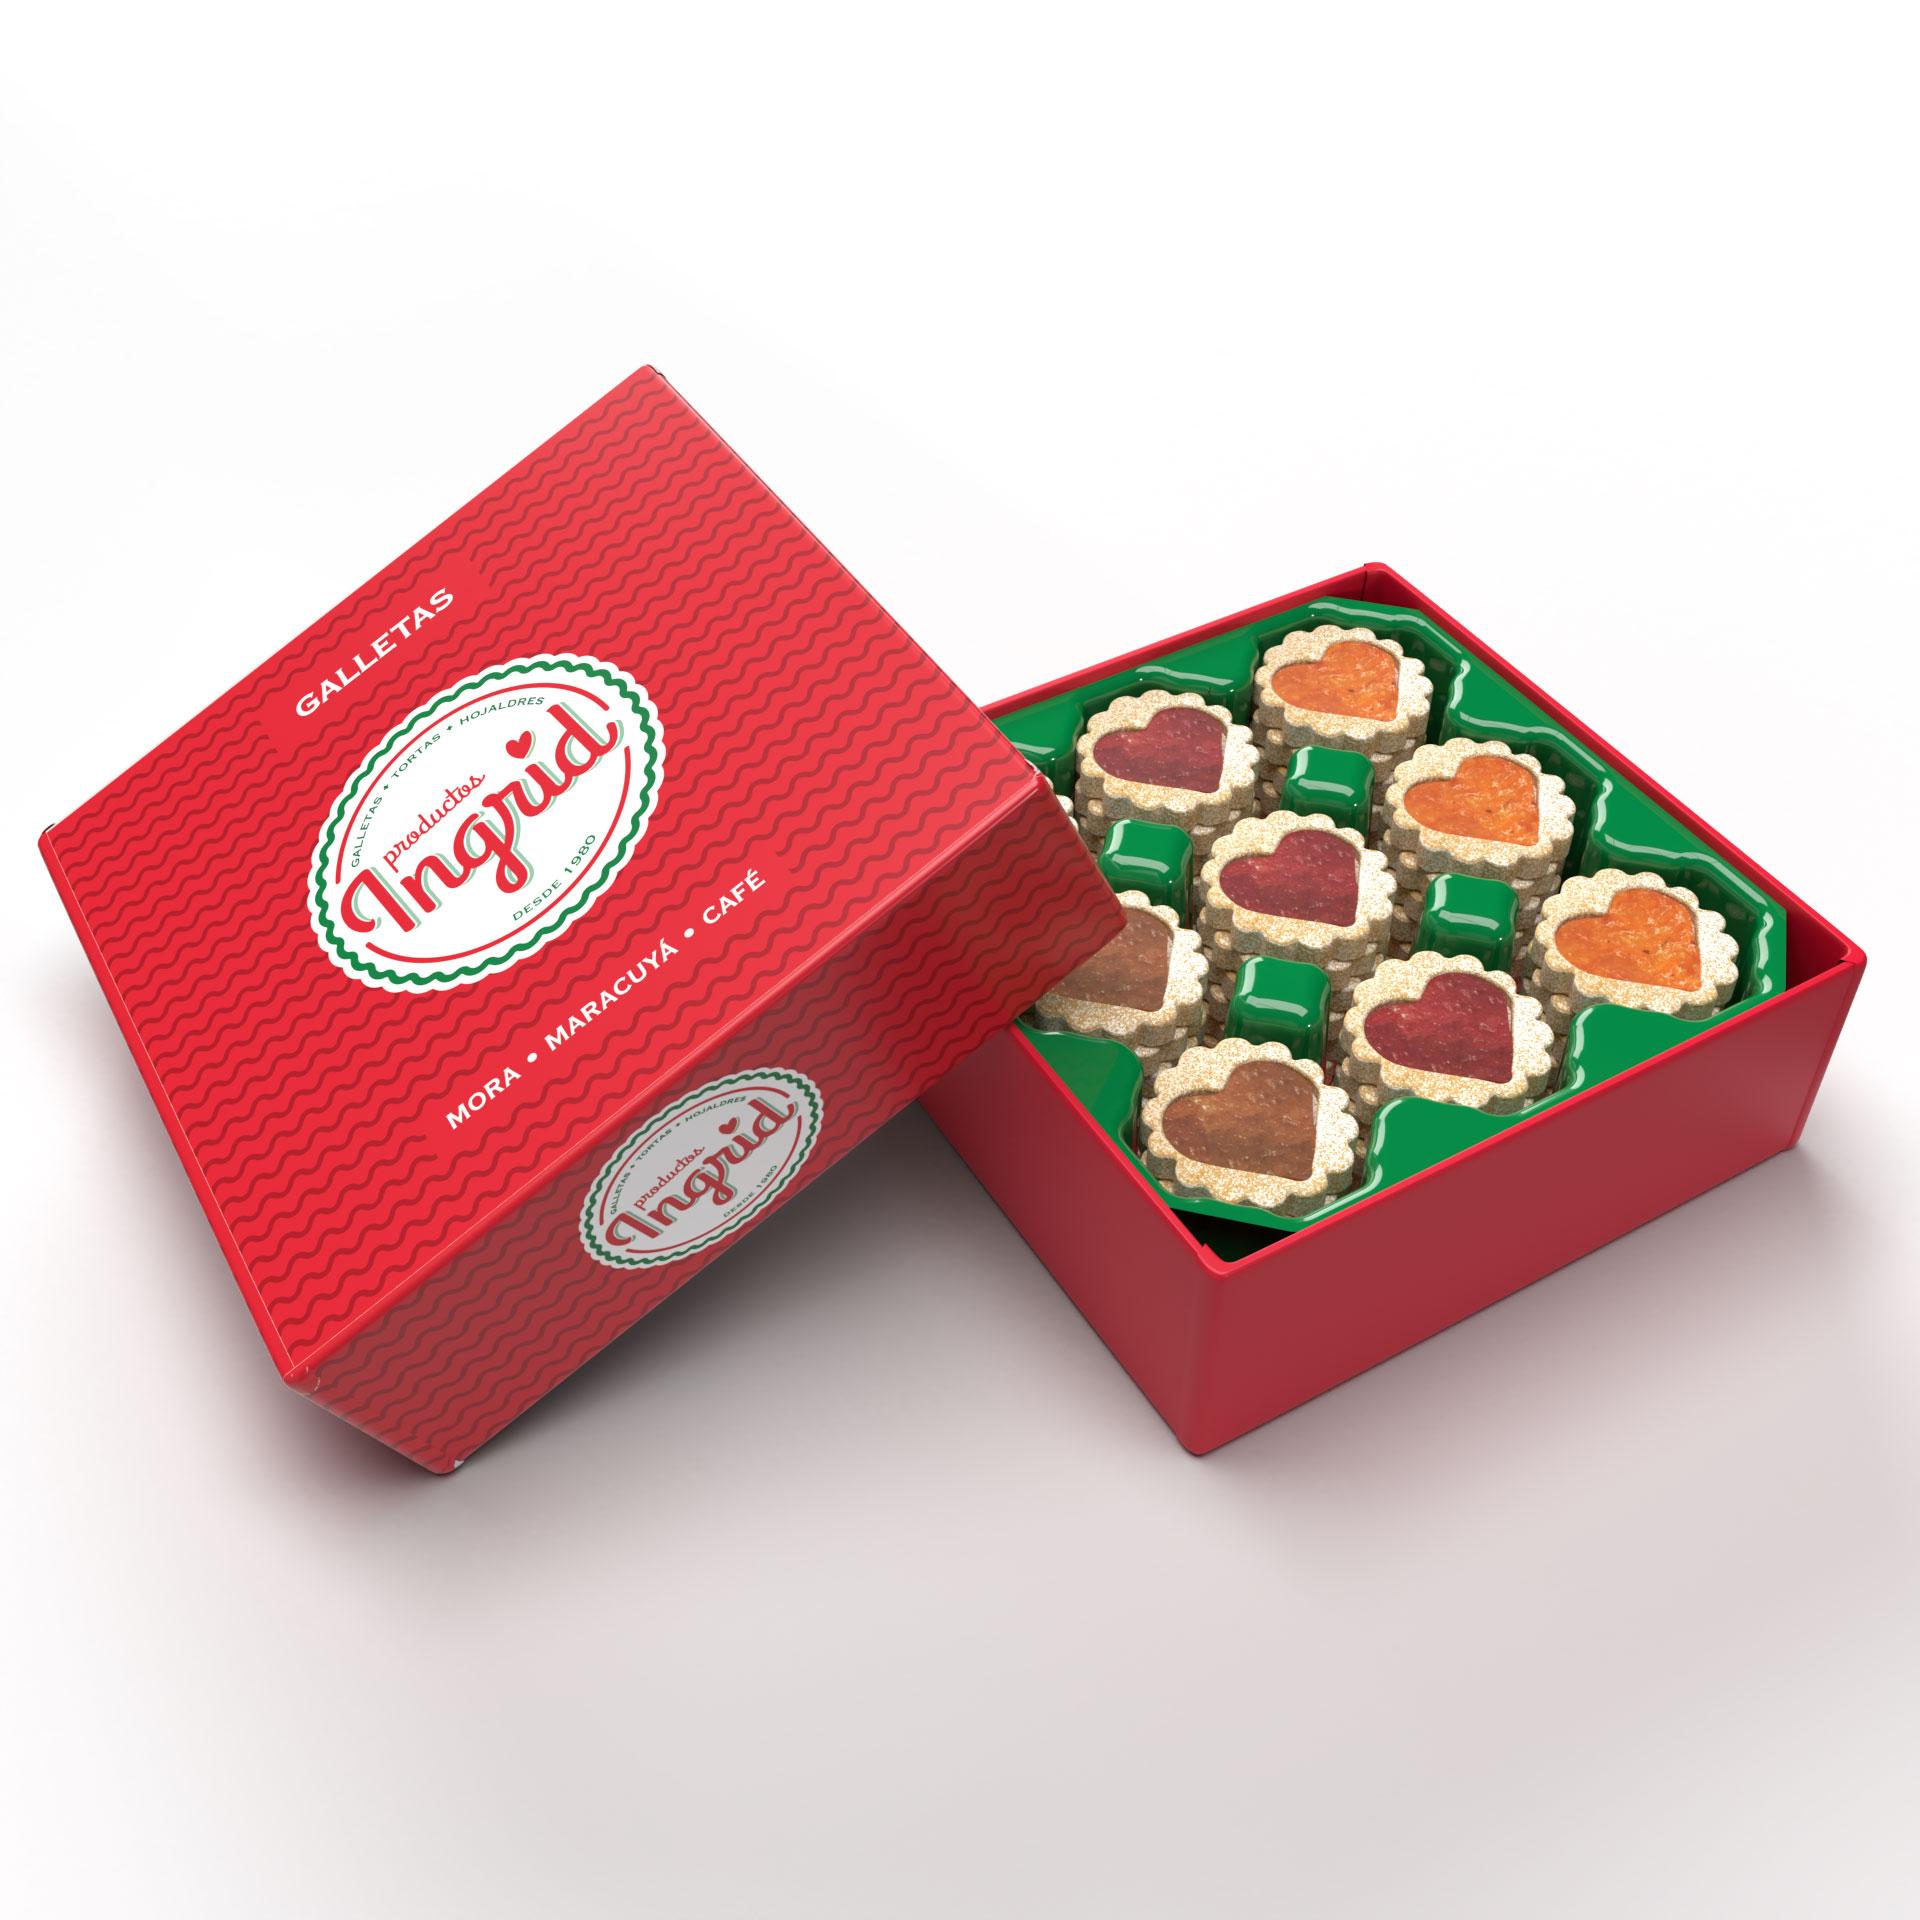 Caja de Galletas 3 sabores Productos Ingrid